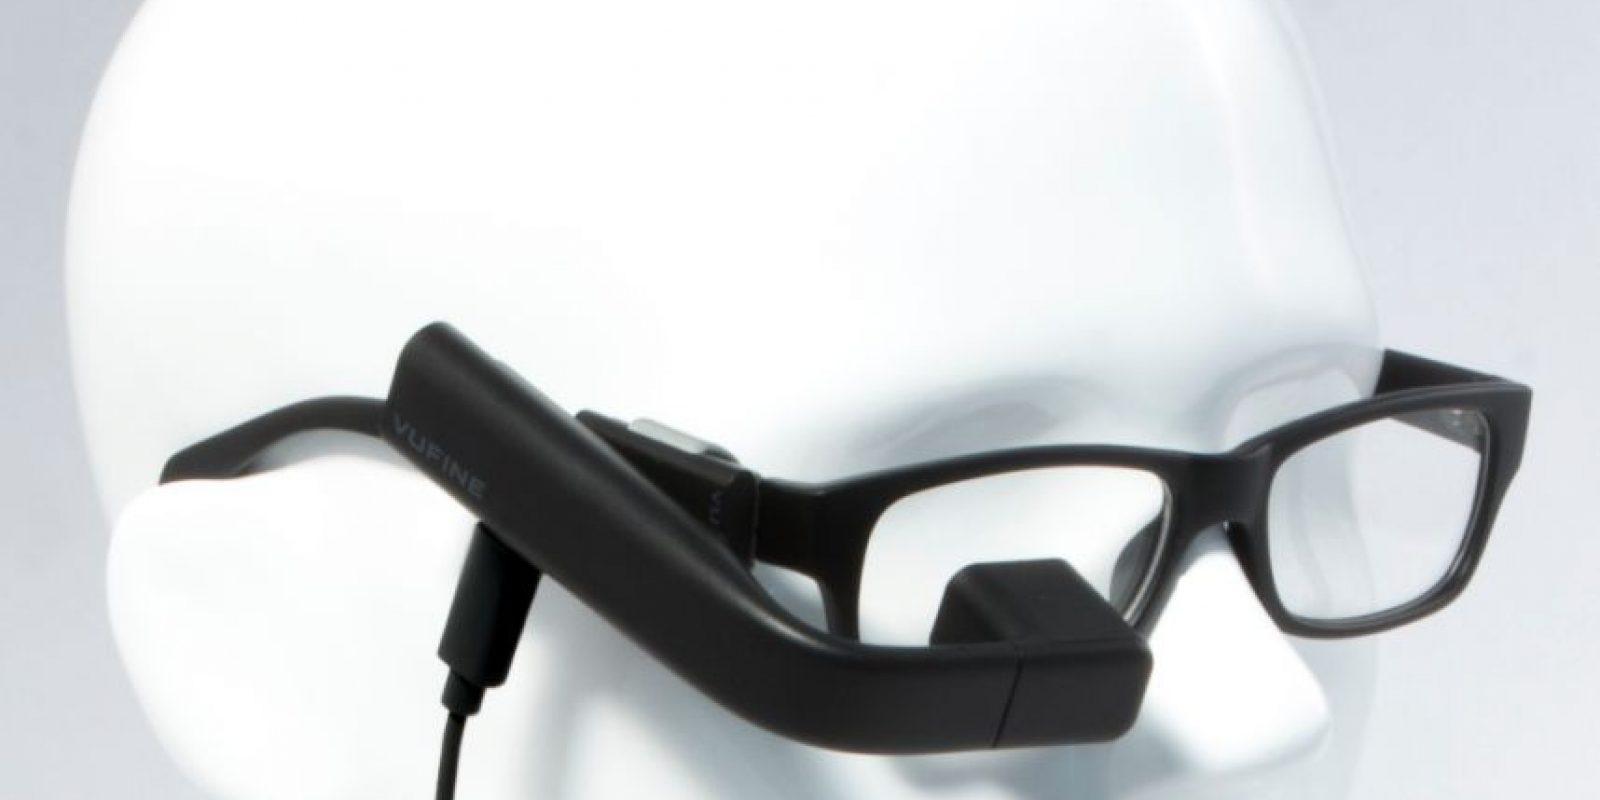 """¿Alguna vez han pensado cómo sería llevar el monitor de su computadora o la pantalla de su celular directo en los lentes? """"Vufine"""" lo hace realidad. Foto:Vufine"""